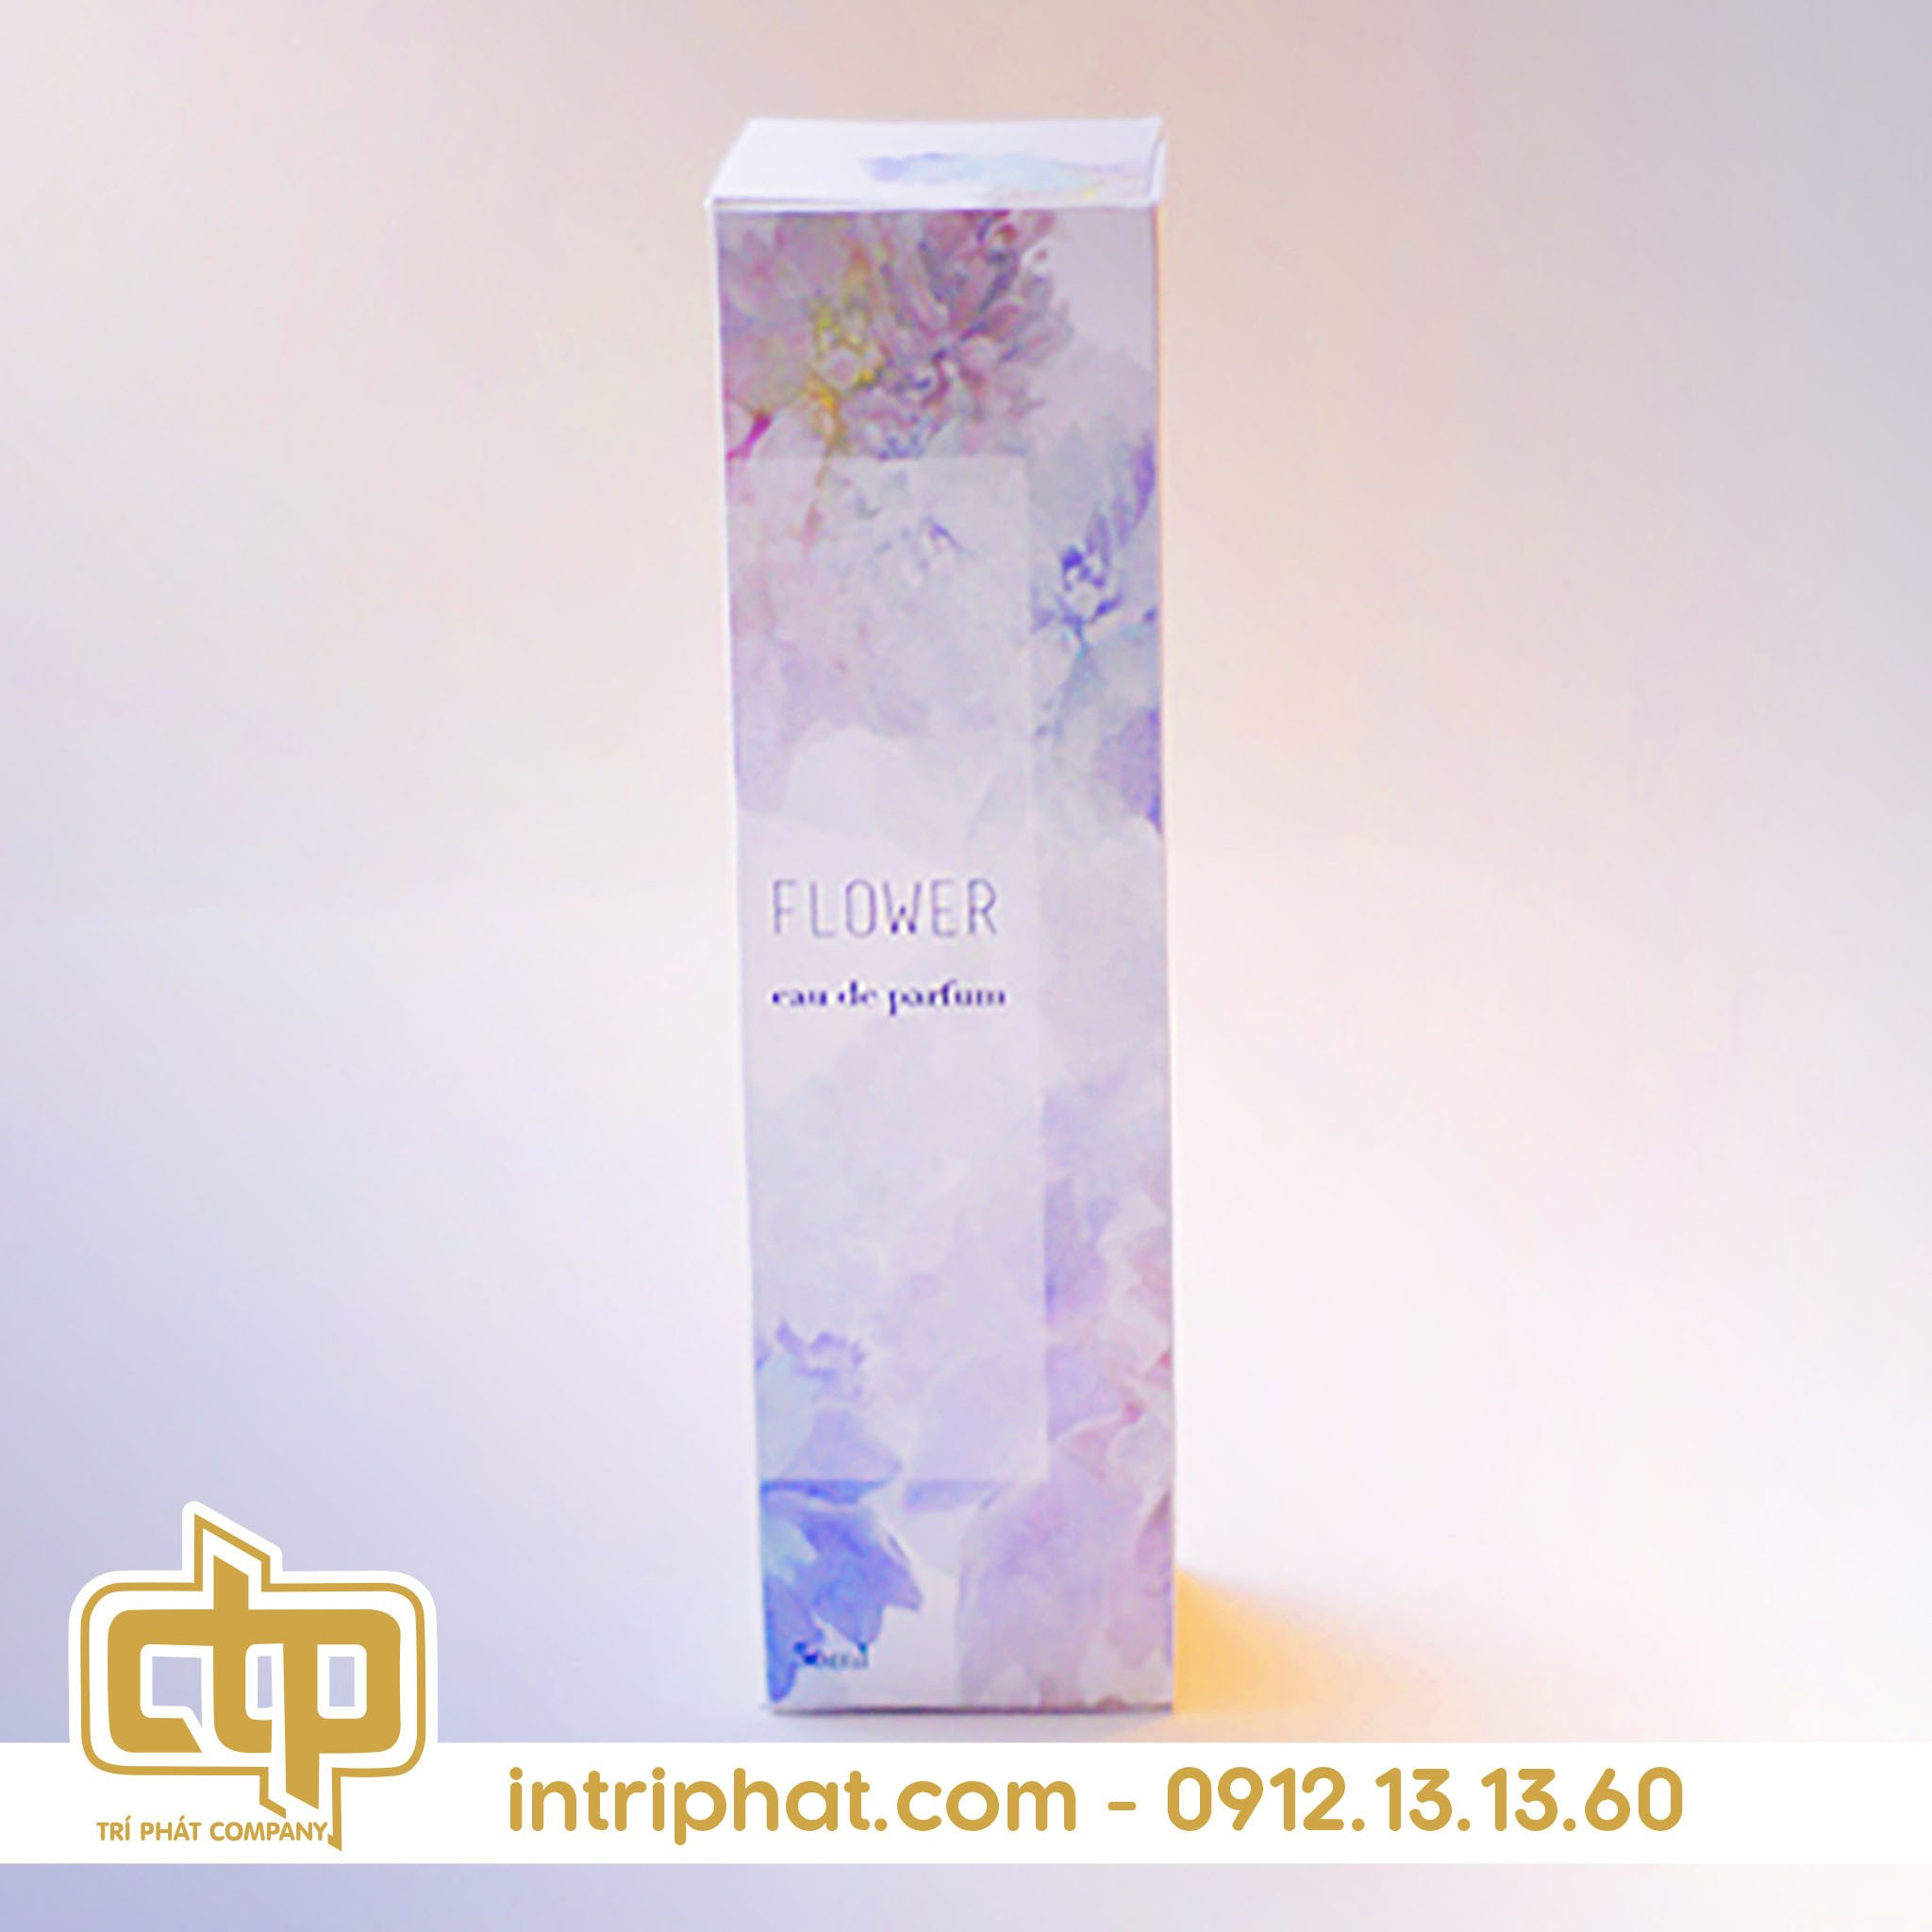 Mẫu hộp giấy đẹp đựng nước hoa